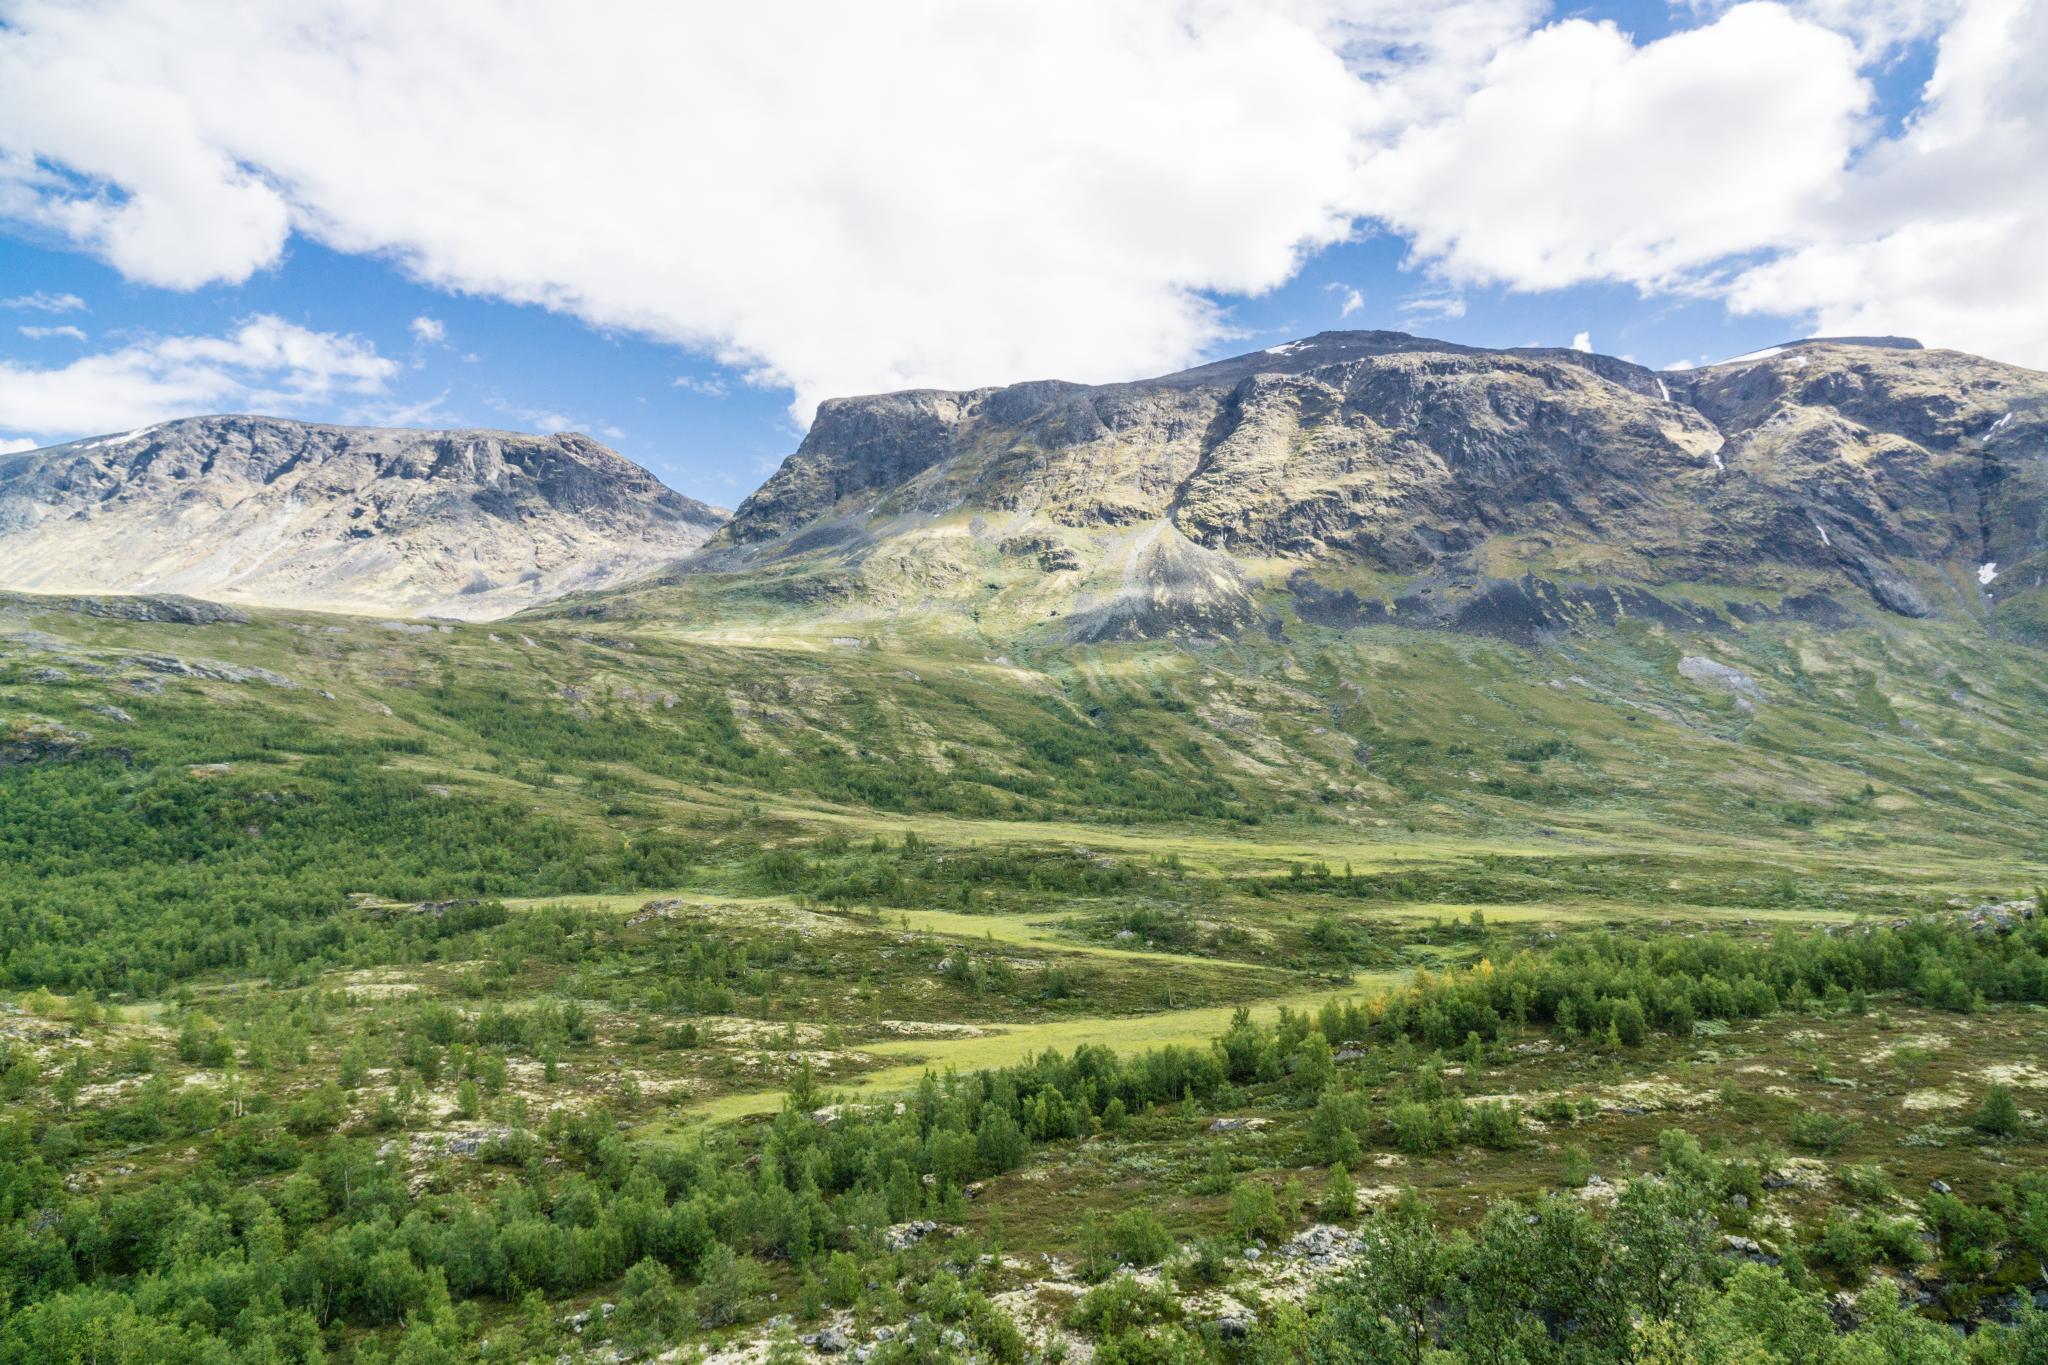 【北歐景點】穿越挪威的屋脊 - 前進北歐最美的冰原景觀公路 Fv55松恩山路 (Sognefjellet) 20